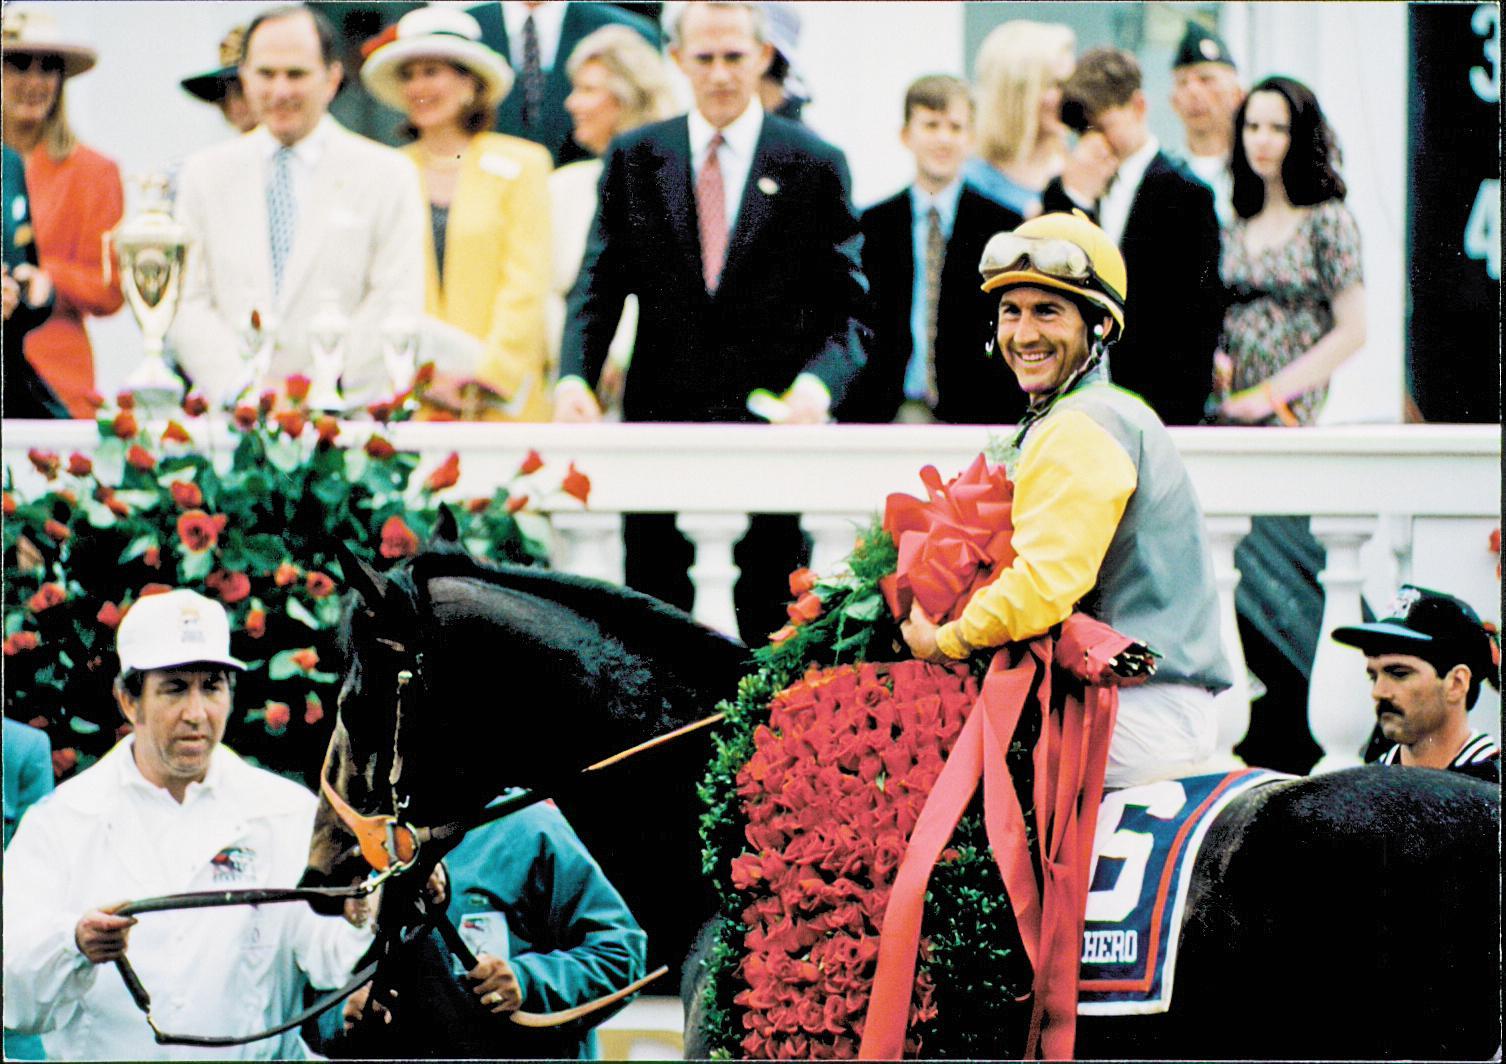 Bailey after winning the Kentucky Derby aboard Sea Hero.